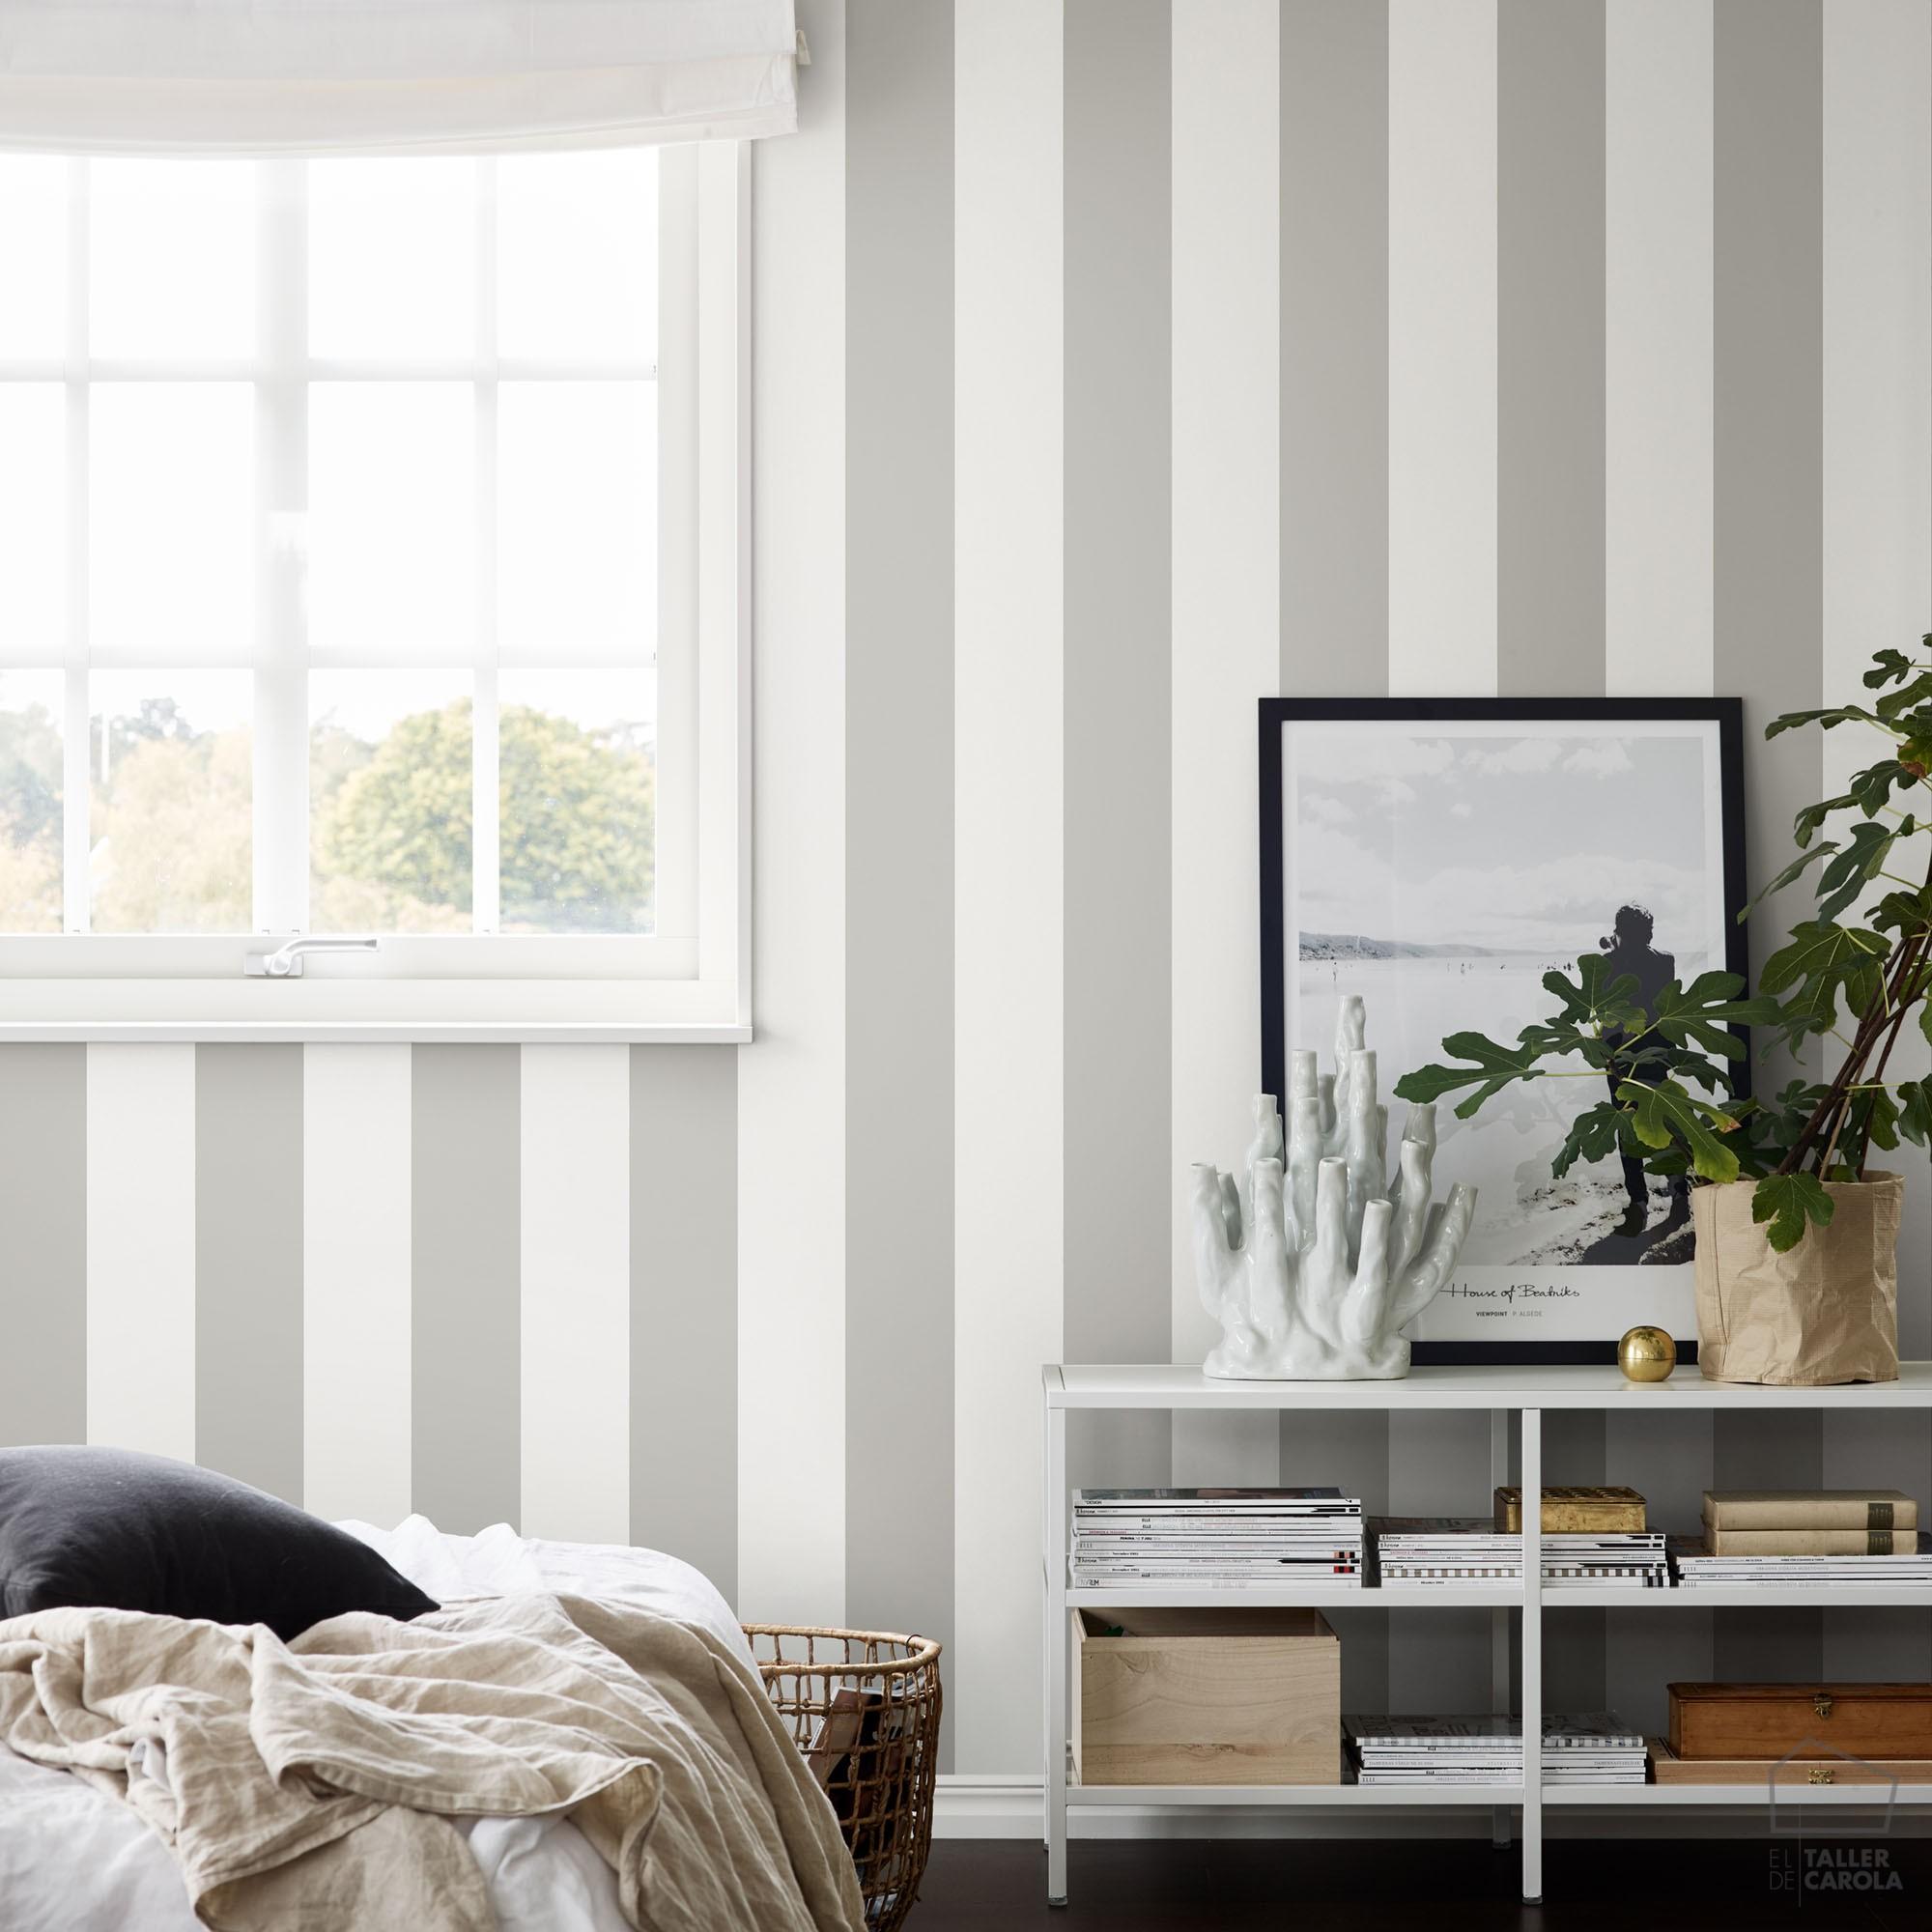 Papel pintado rayas gris oscuro el taller de carola - Papel pintado rayas grises ...